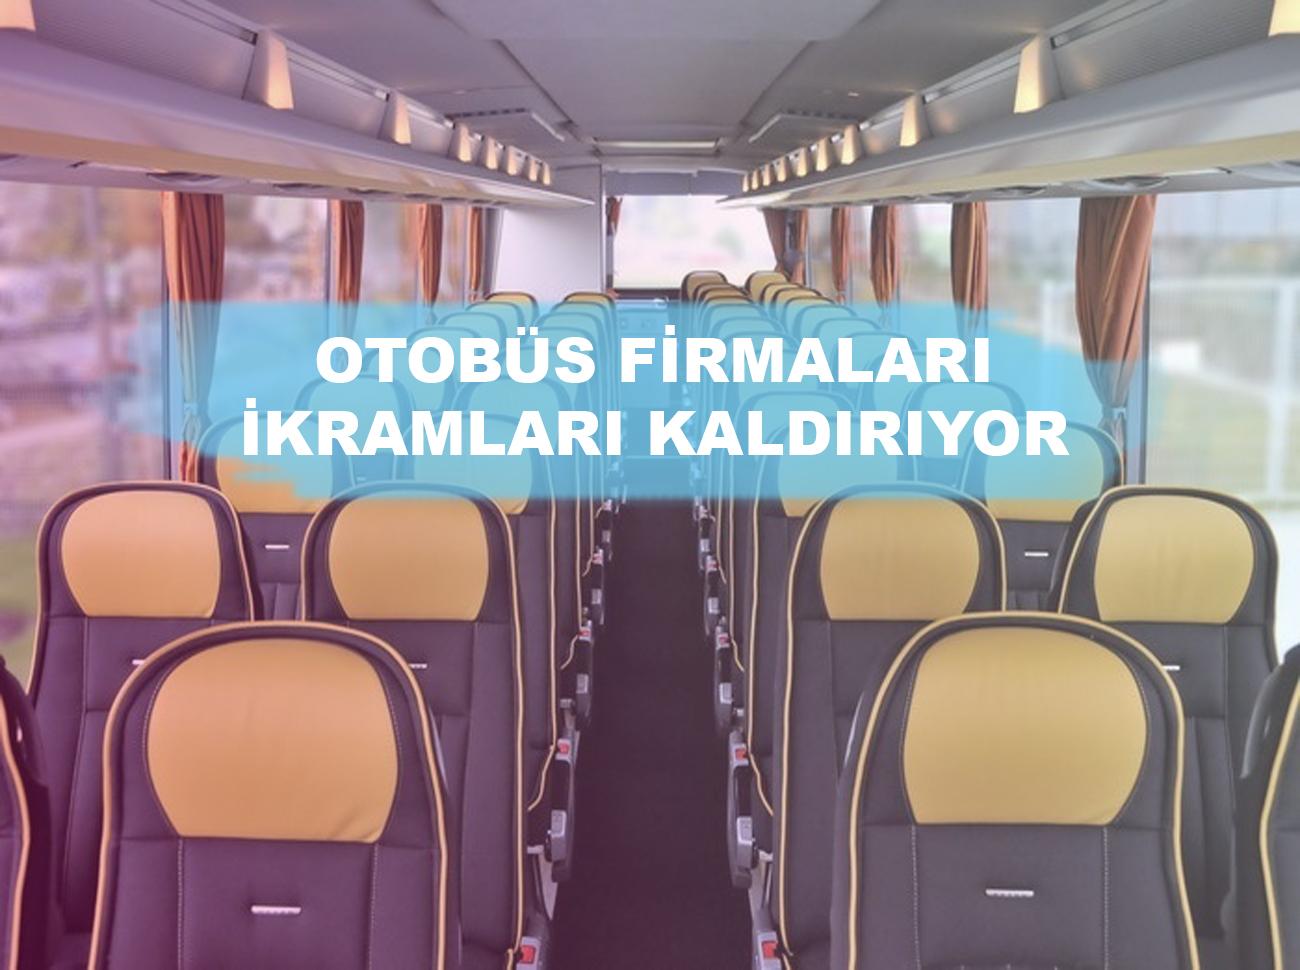 Otobüs Firmaları İkramları Kaldırıyor